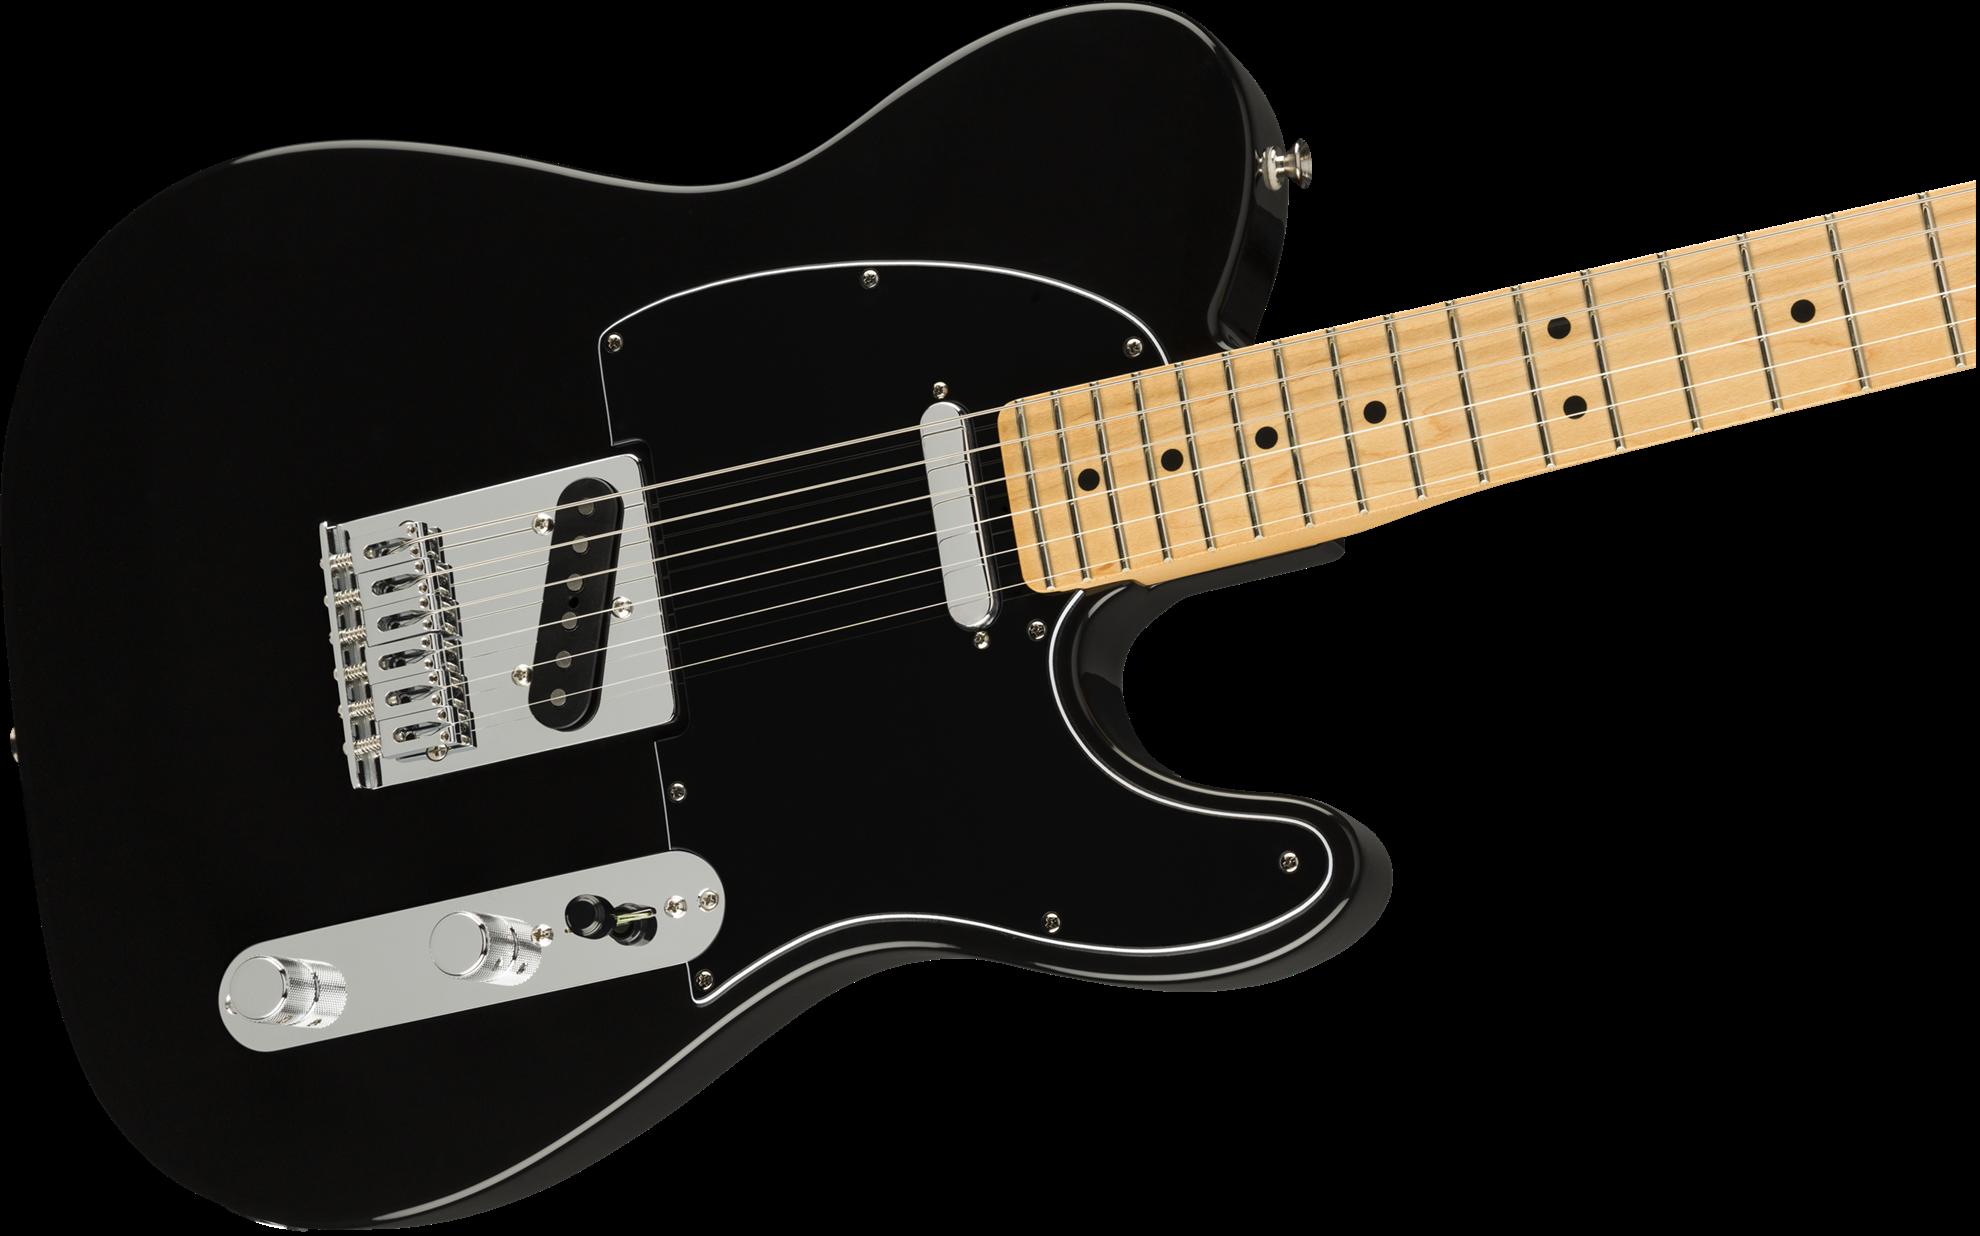 fender player telecaster electric guitar maple neck black perth mega music online. Black Bedroom Furniture Sets. Home Design Ideas